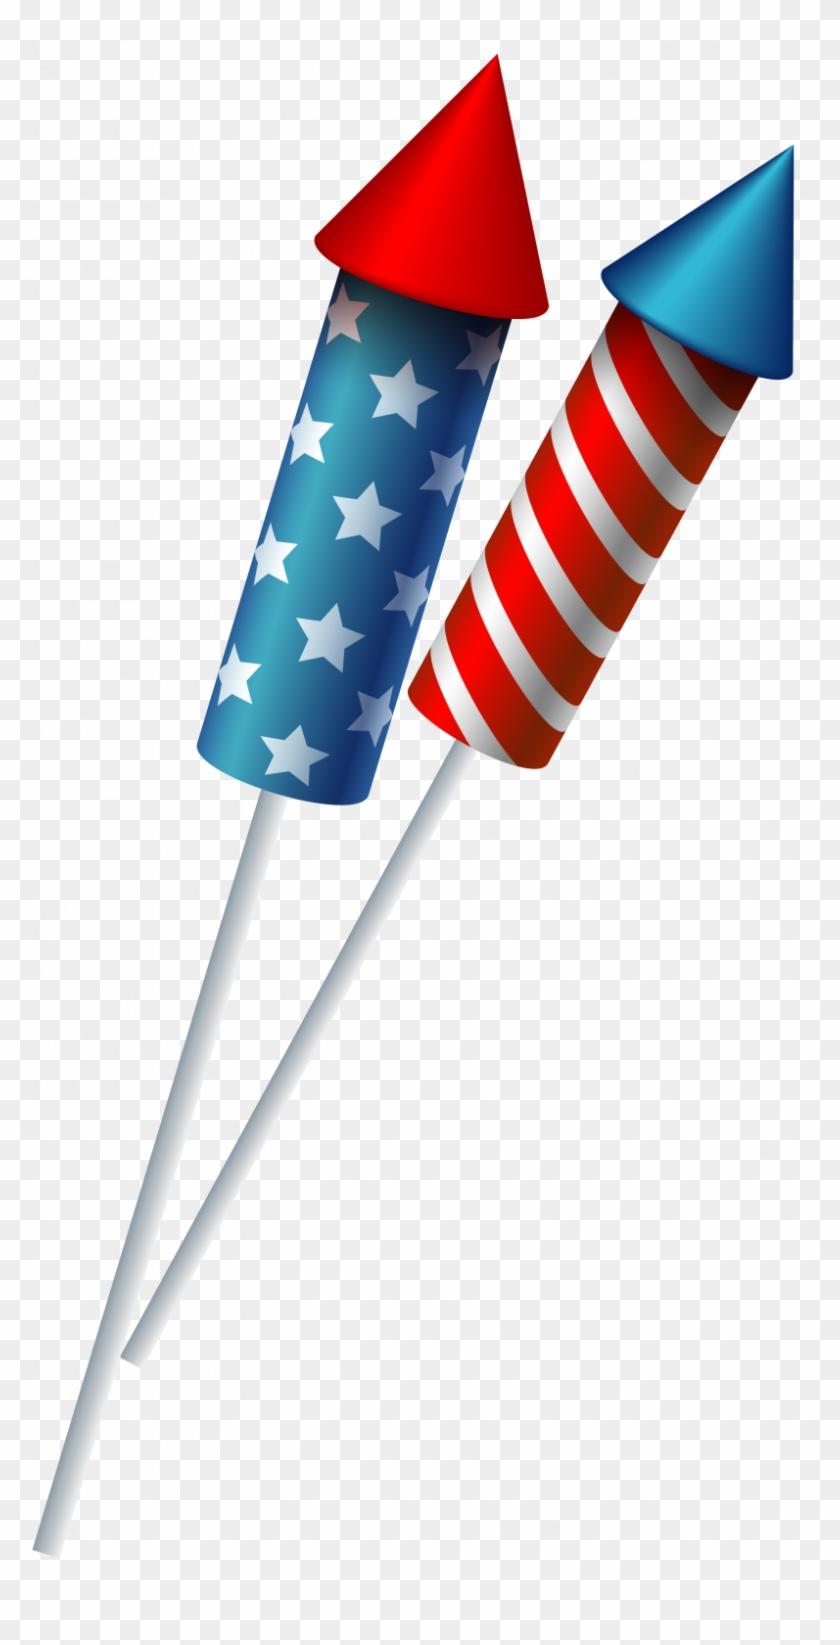 Flag fireworks sparklers clip. Clipart rocket firework